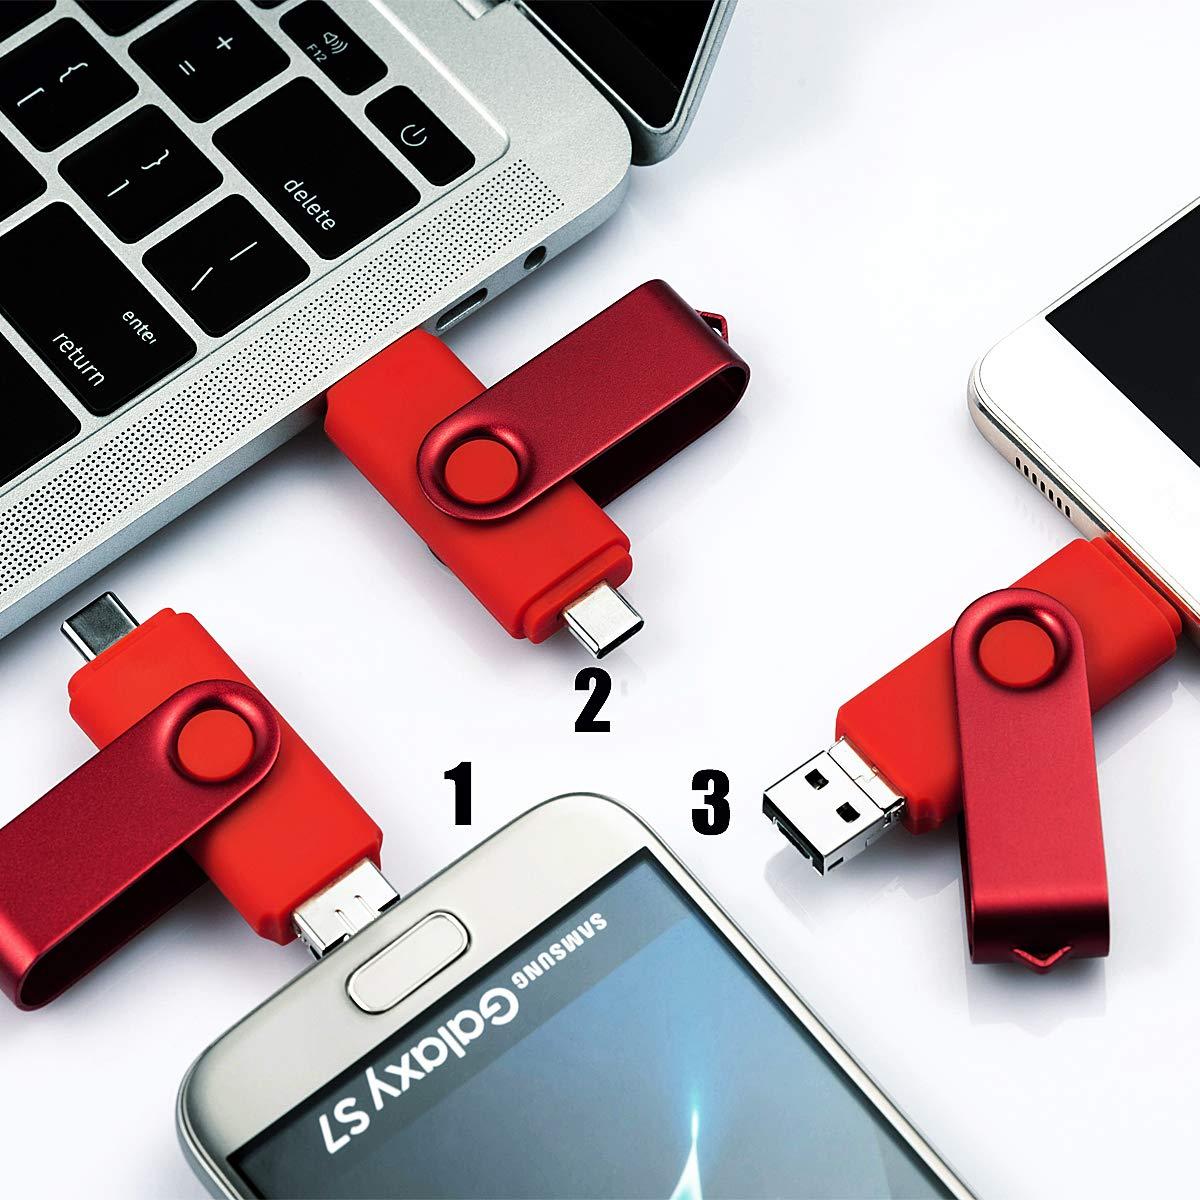 Cle USB 64 Go Type C Micro USB et USB 2.0 OTG 3 en 1 Pivotant M/émoire Stick Flash Drive U Disque Pliable Cl/é USB Originale pour Android Smartphone PC Tablette 64Go, Noir